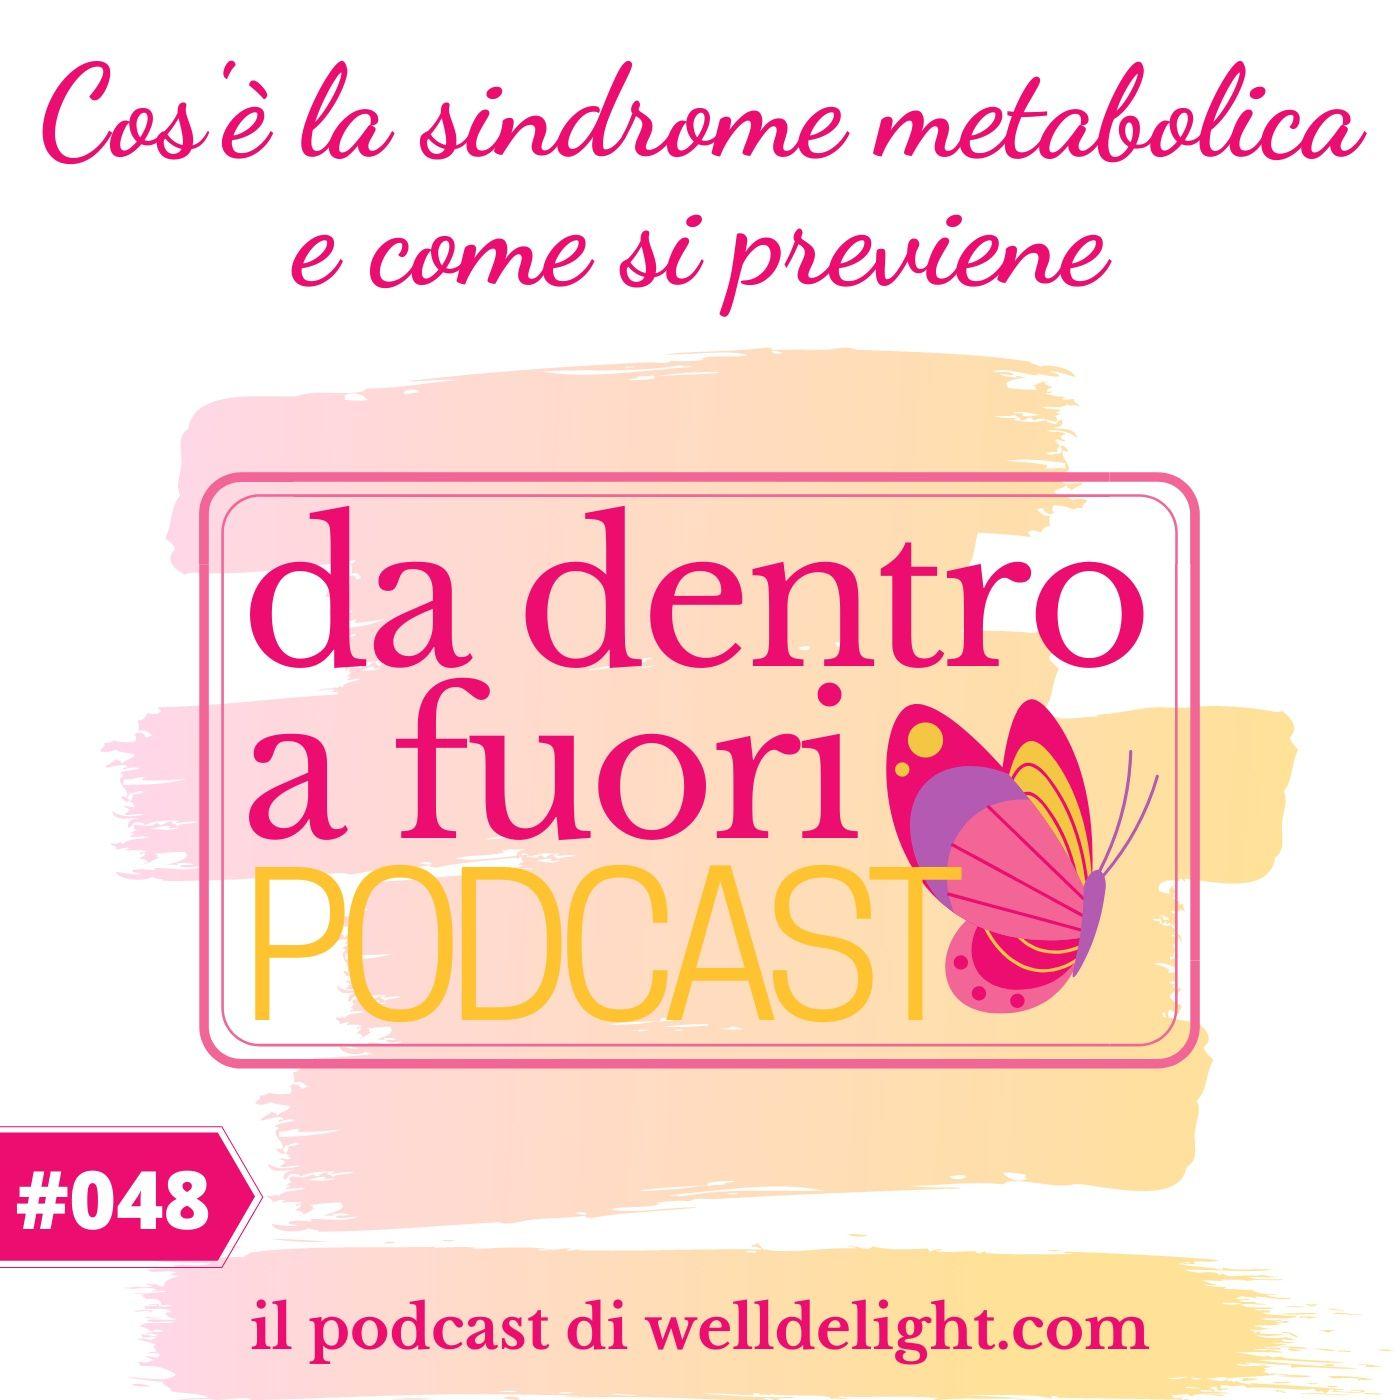 Cos'è la sindrome metabolica e come si previene